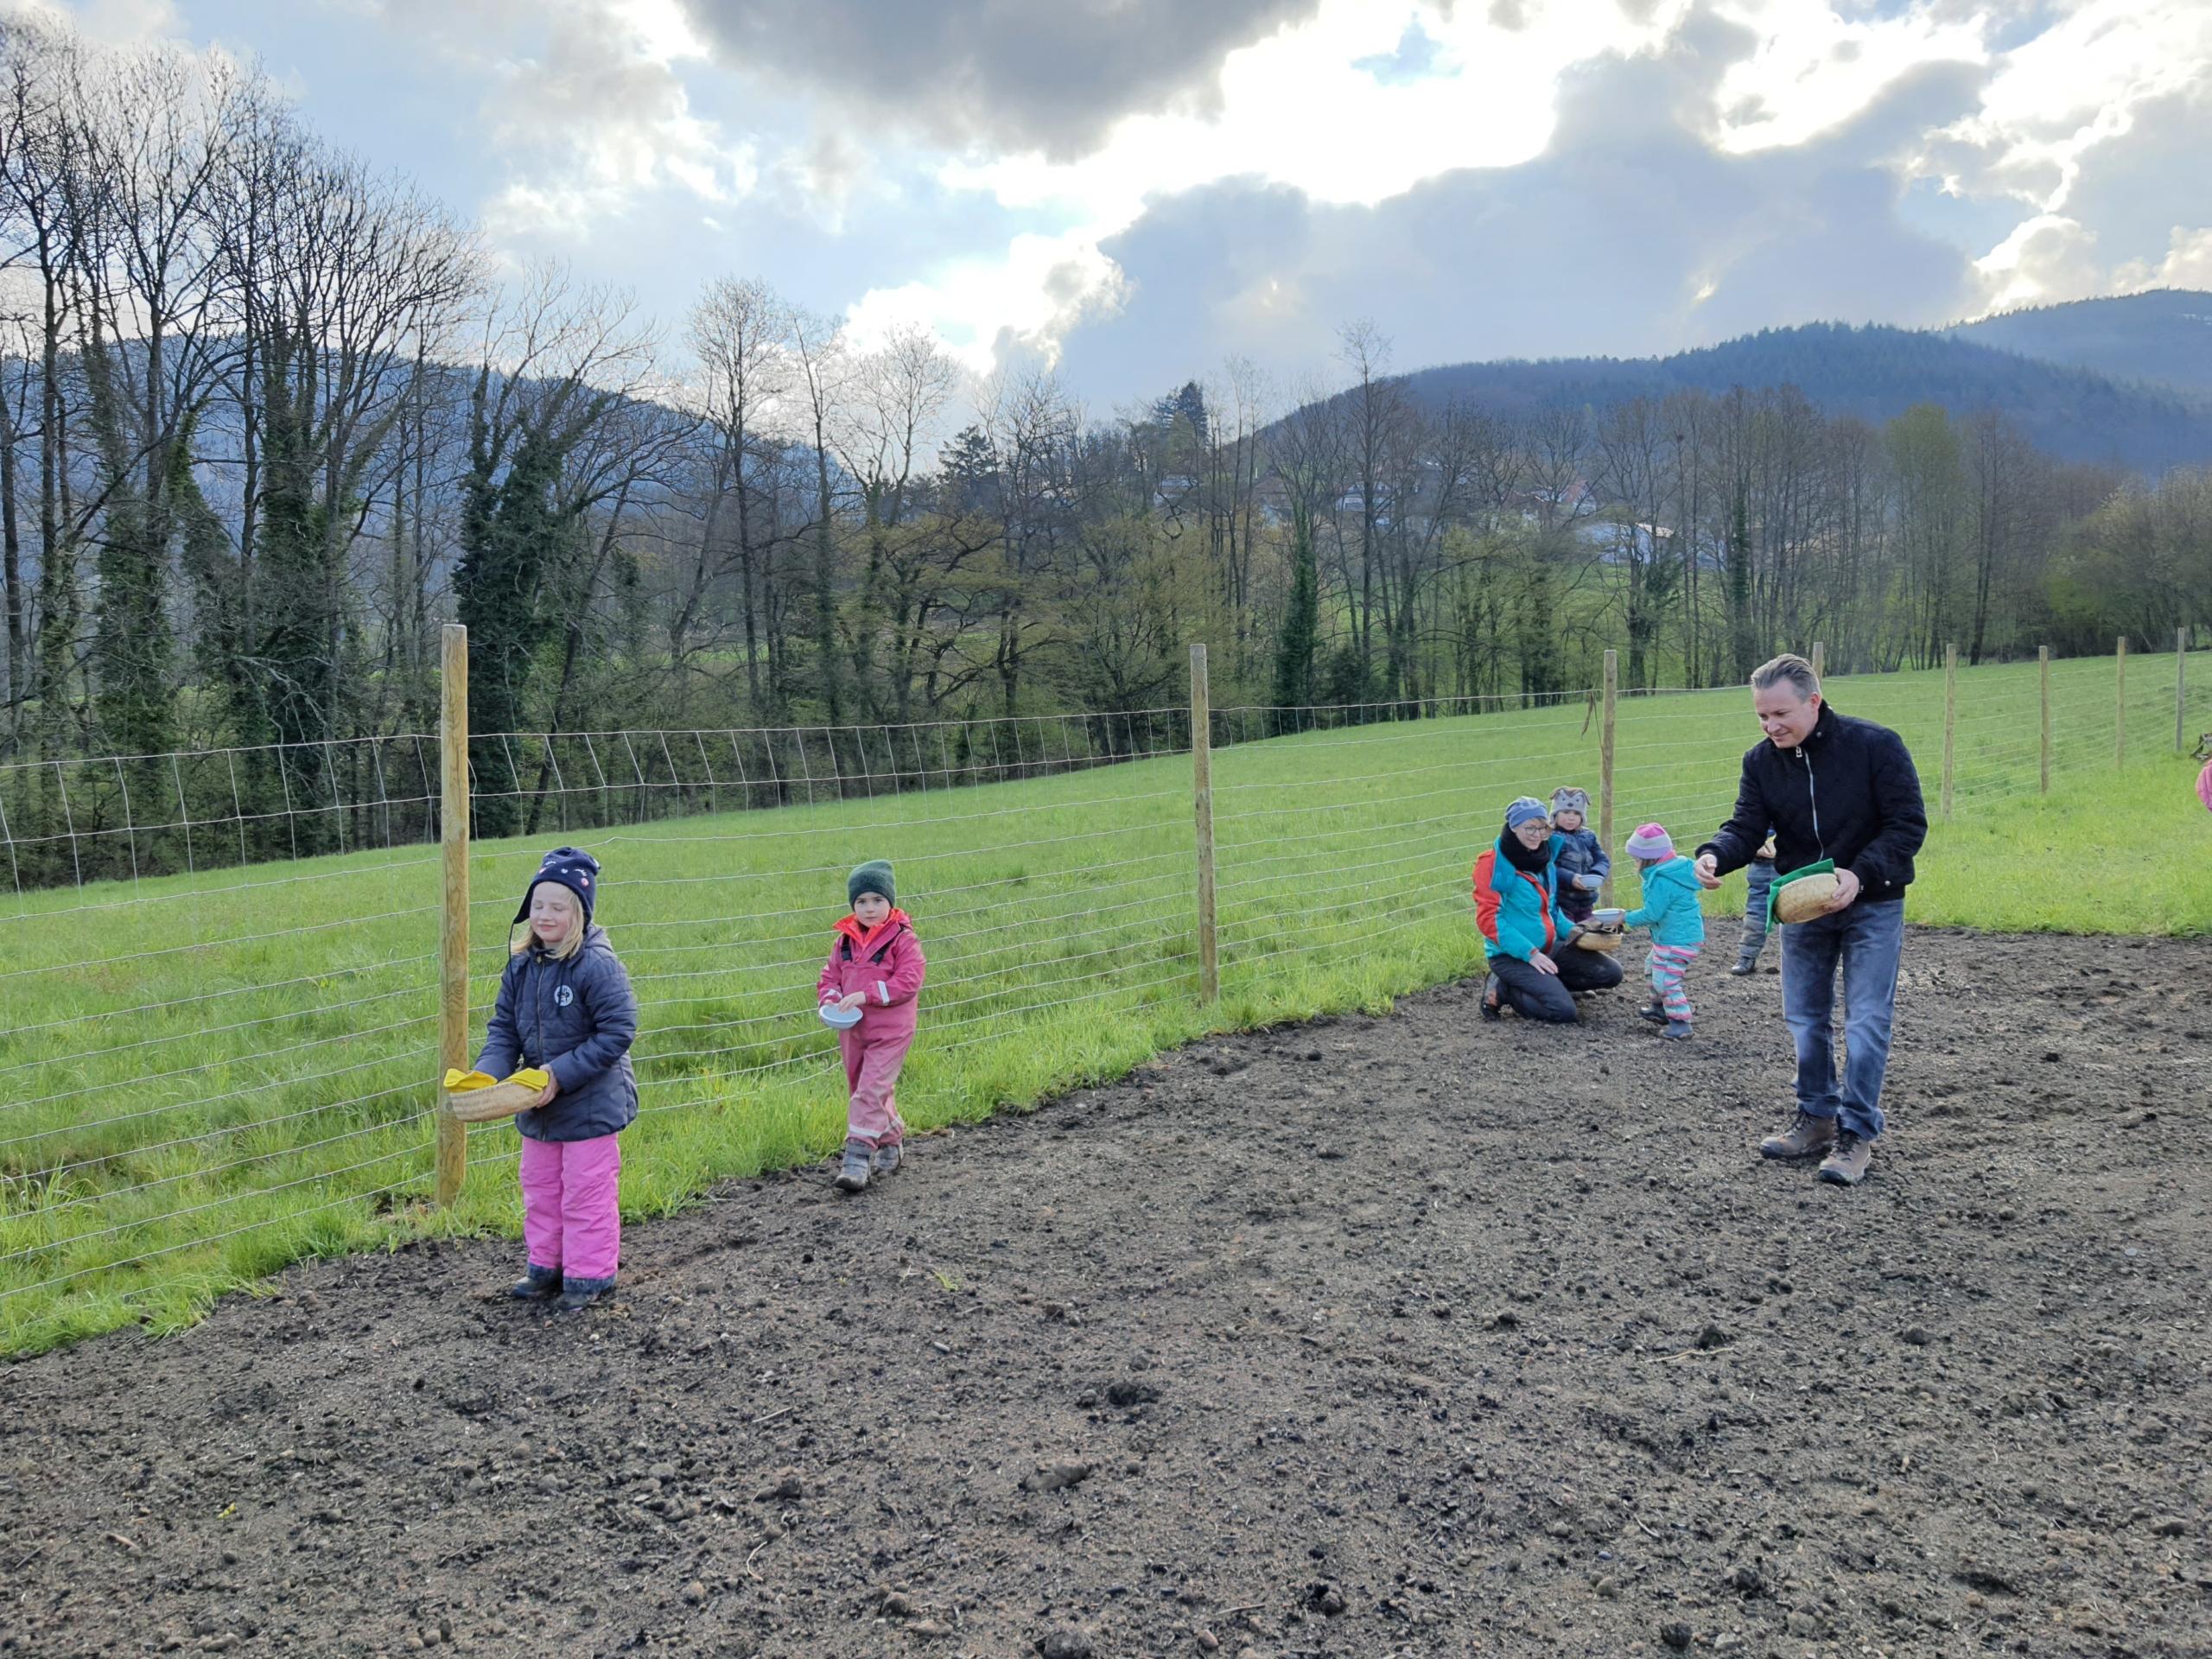 Naturkindergarten – Kinder säen mit Bürgermeister eine Blumenwiese ein